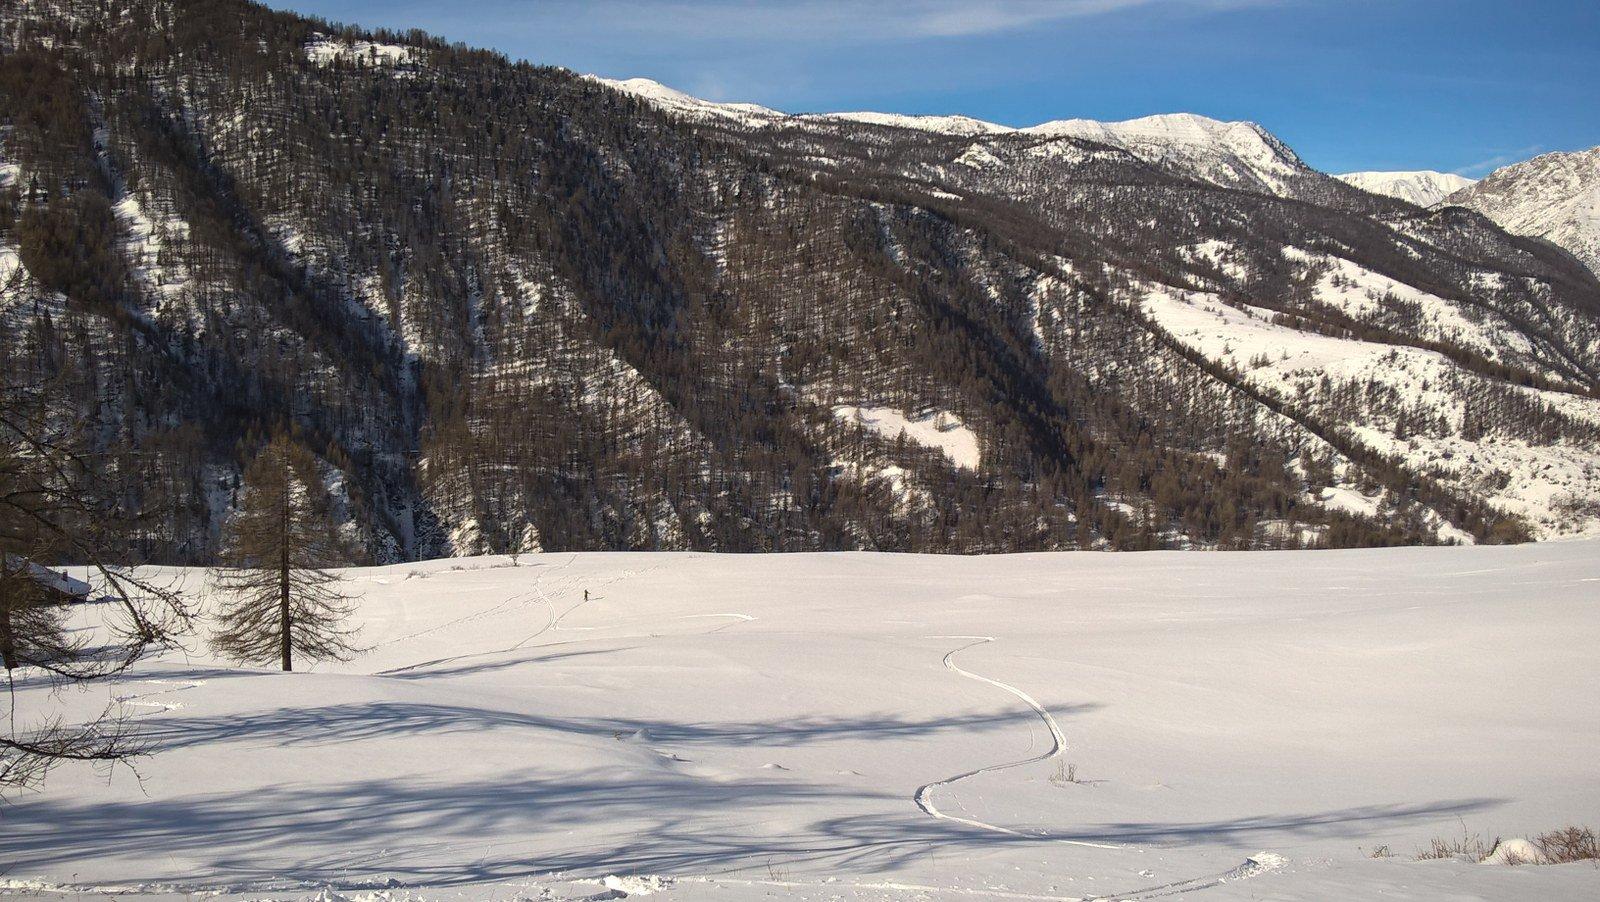 Bella neve anche nei pratoni finali, pur non essendo abbondante